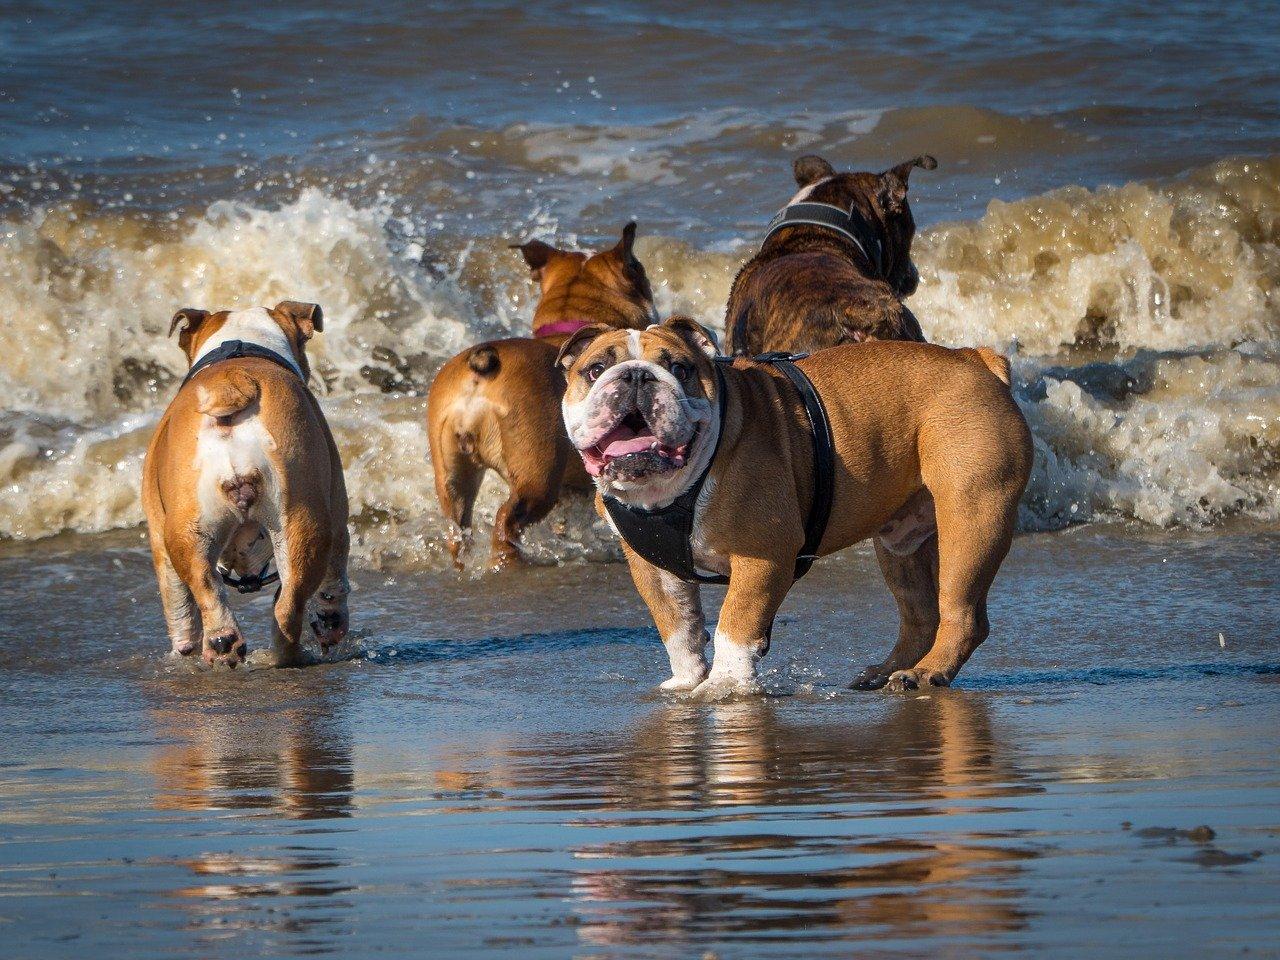 beach bulldog dog